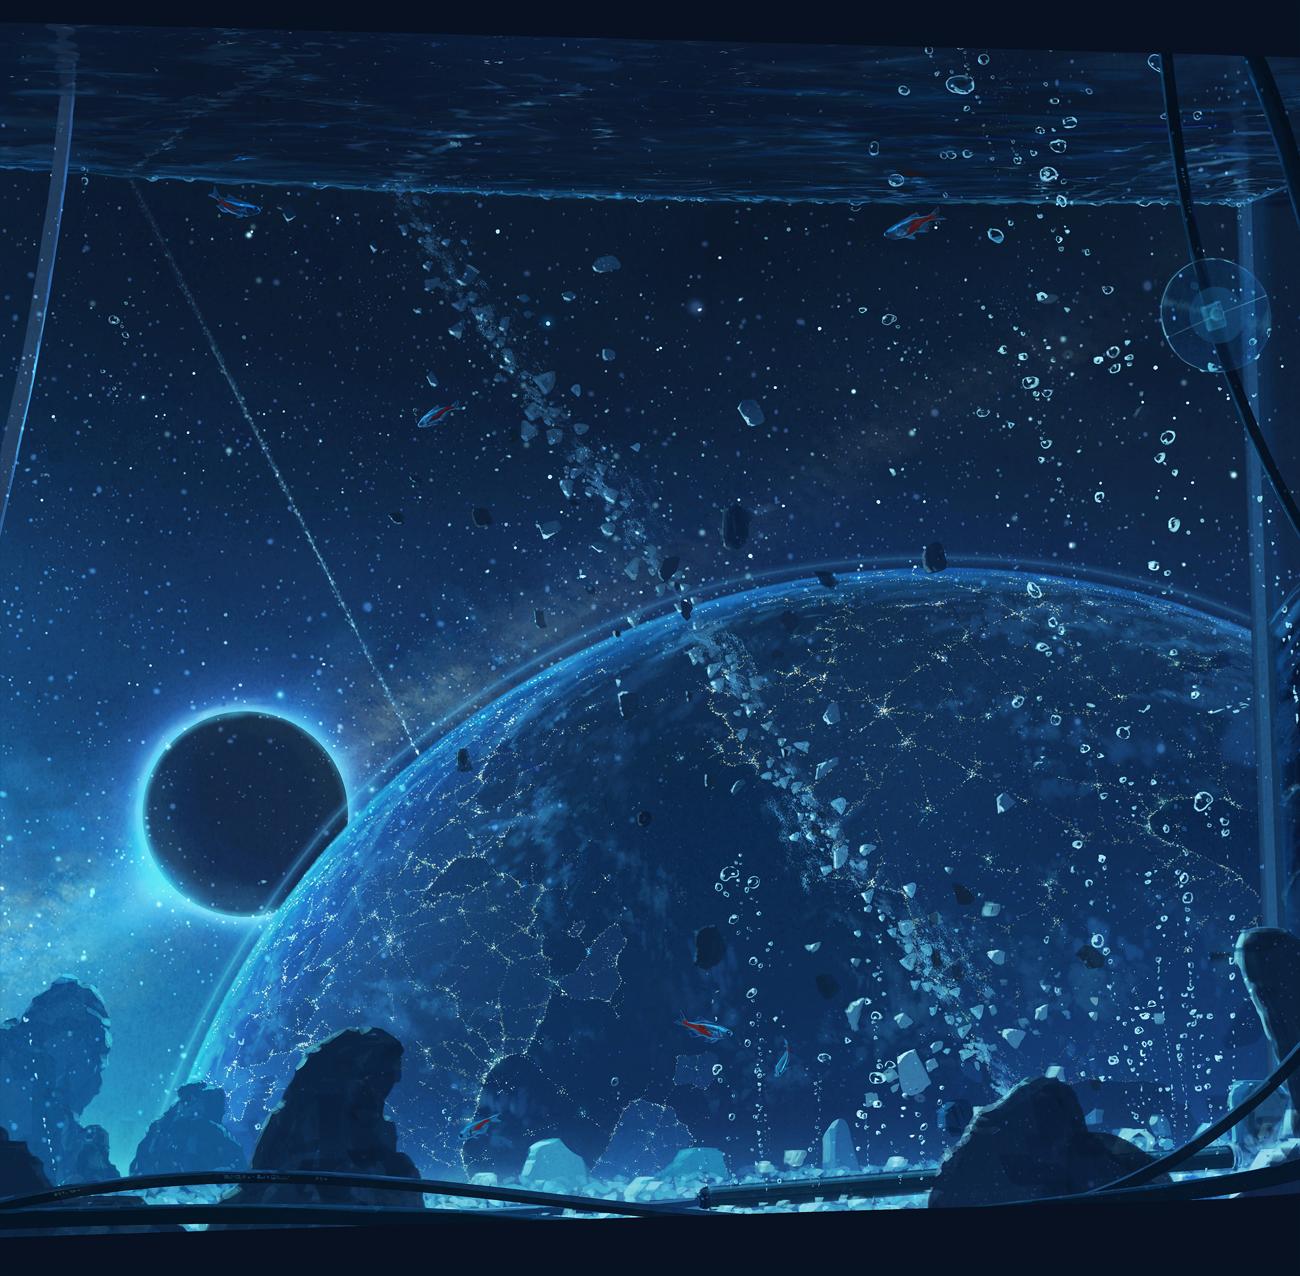 星間水槽」/「コーラ」のイラスト [pixiv] | イラスト>>幻想的